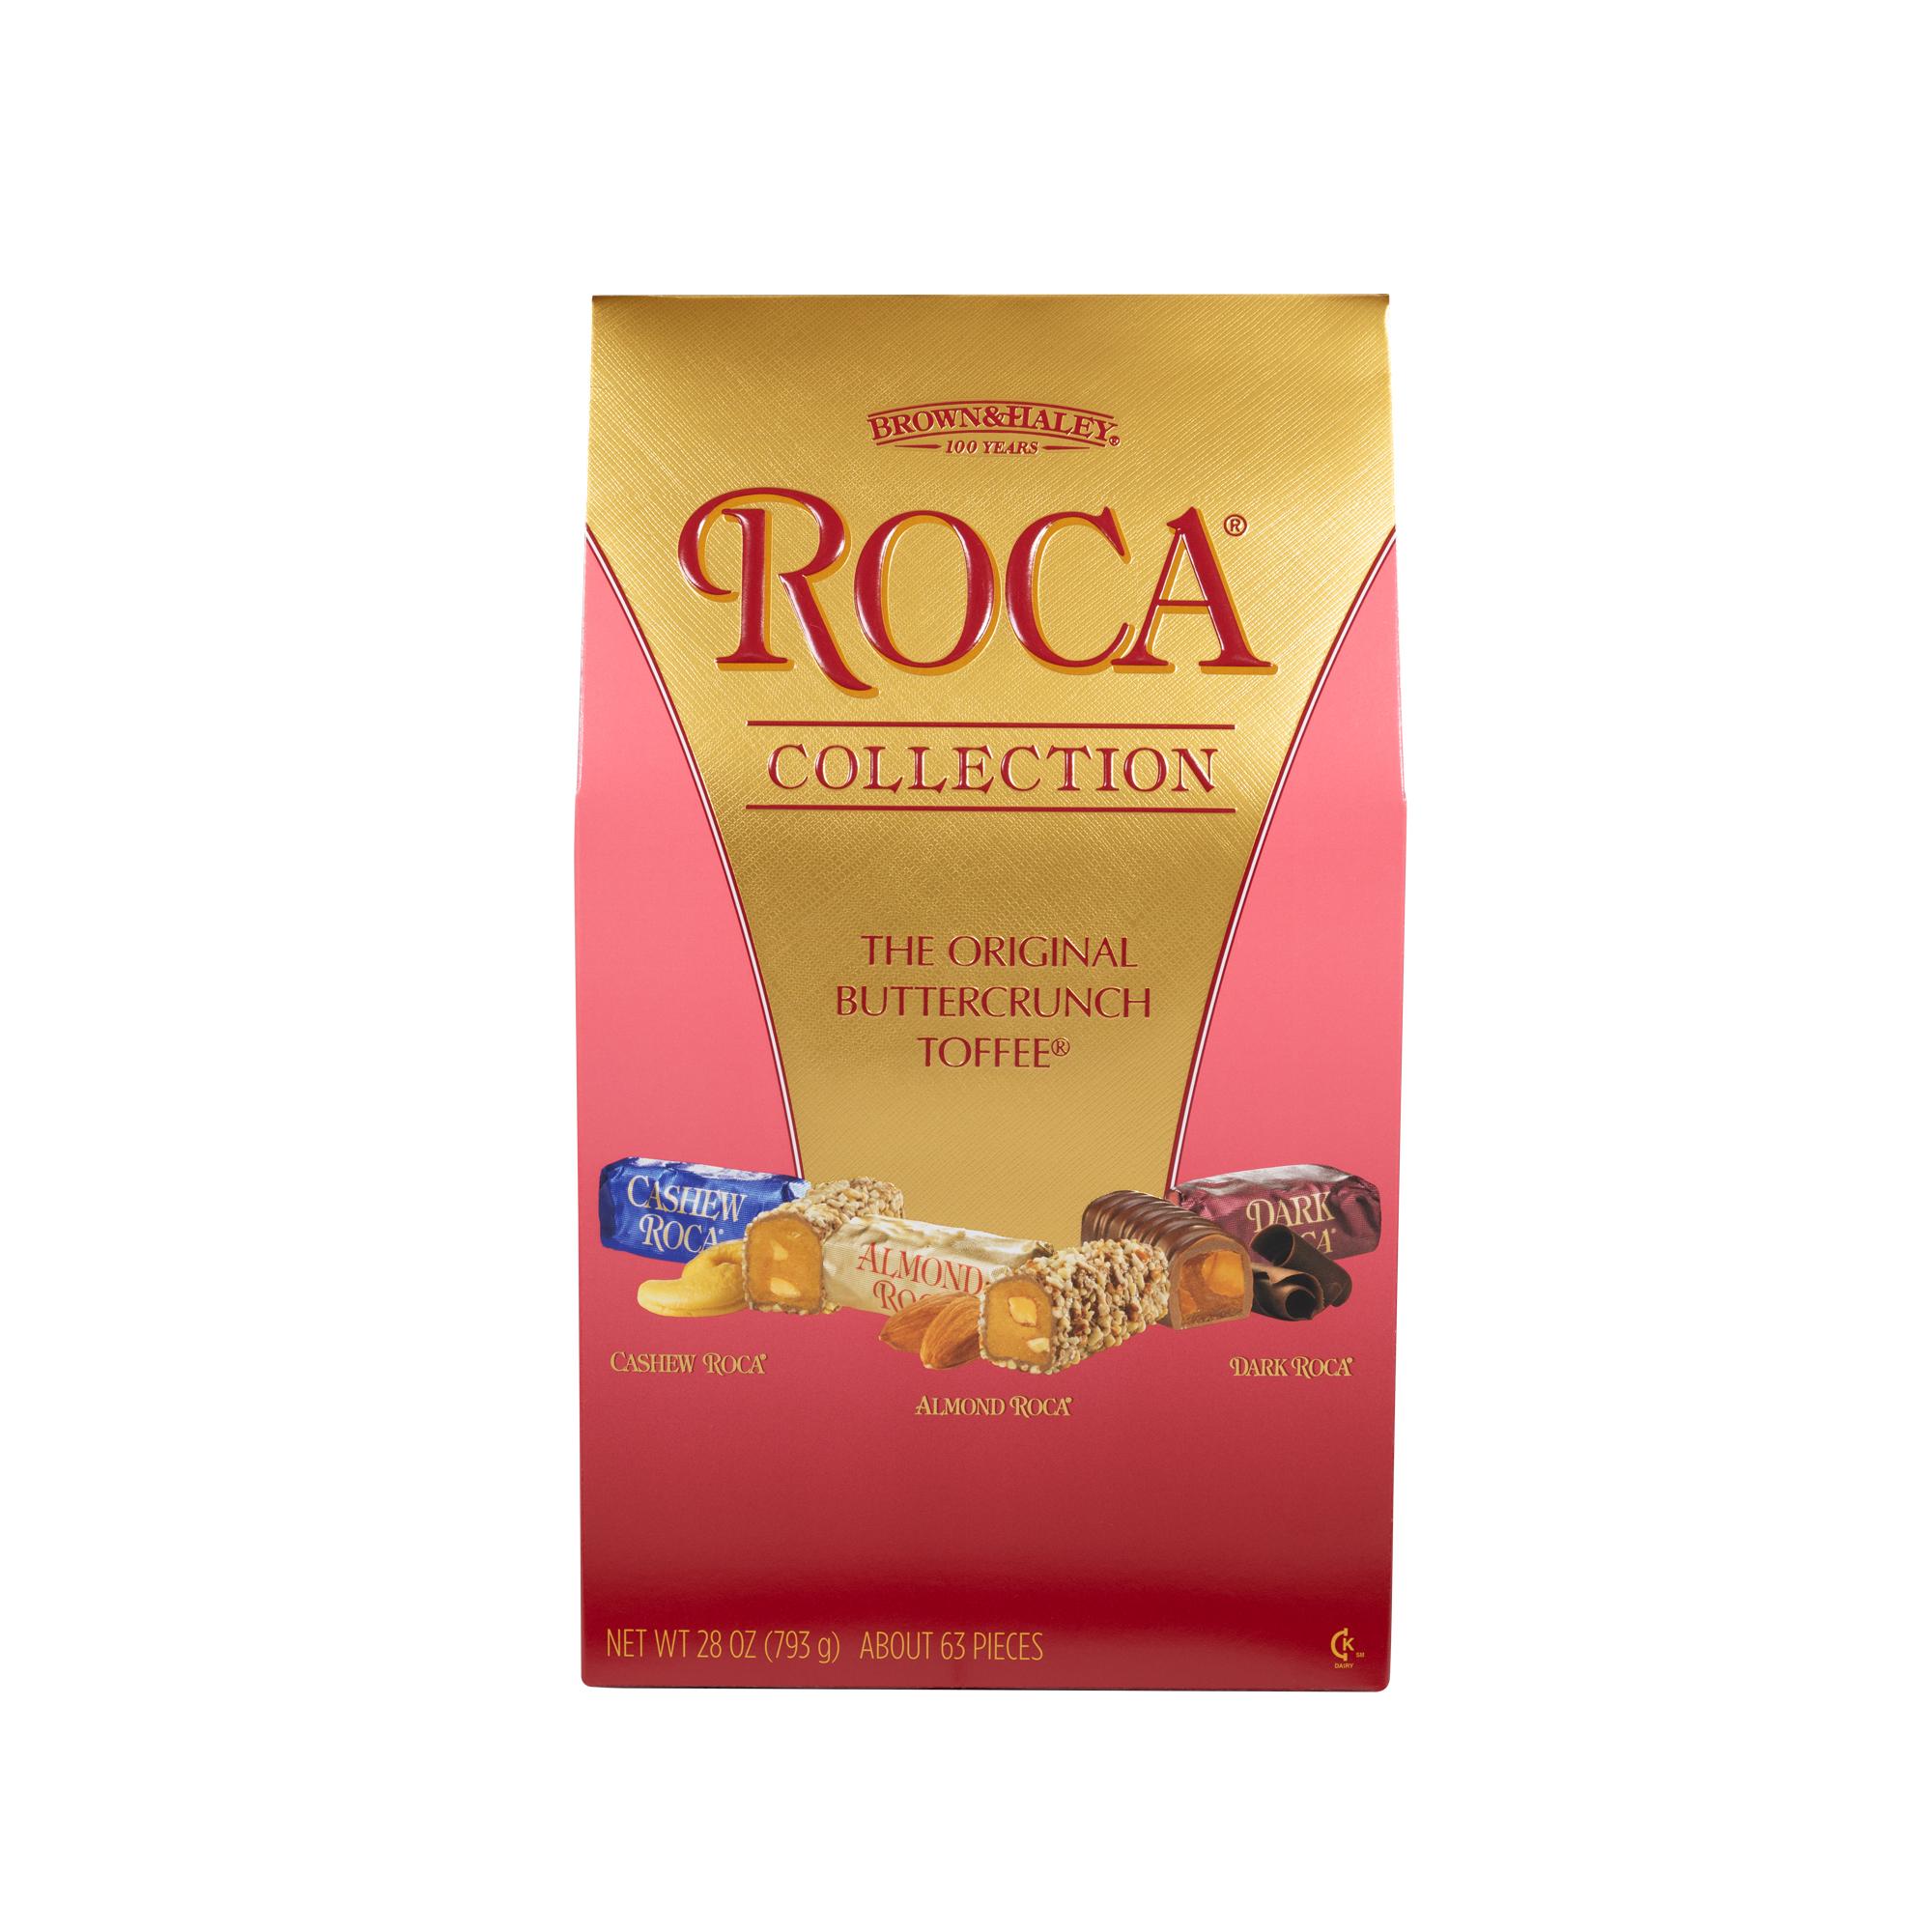 0378 28 oz ASSORTED STAND-UP BOX: CASHEW ROCA®, ALMOND ROCA ® & DARK ROCA® - Straight-front View